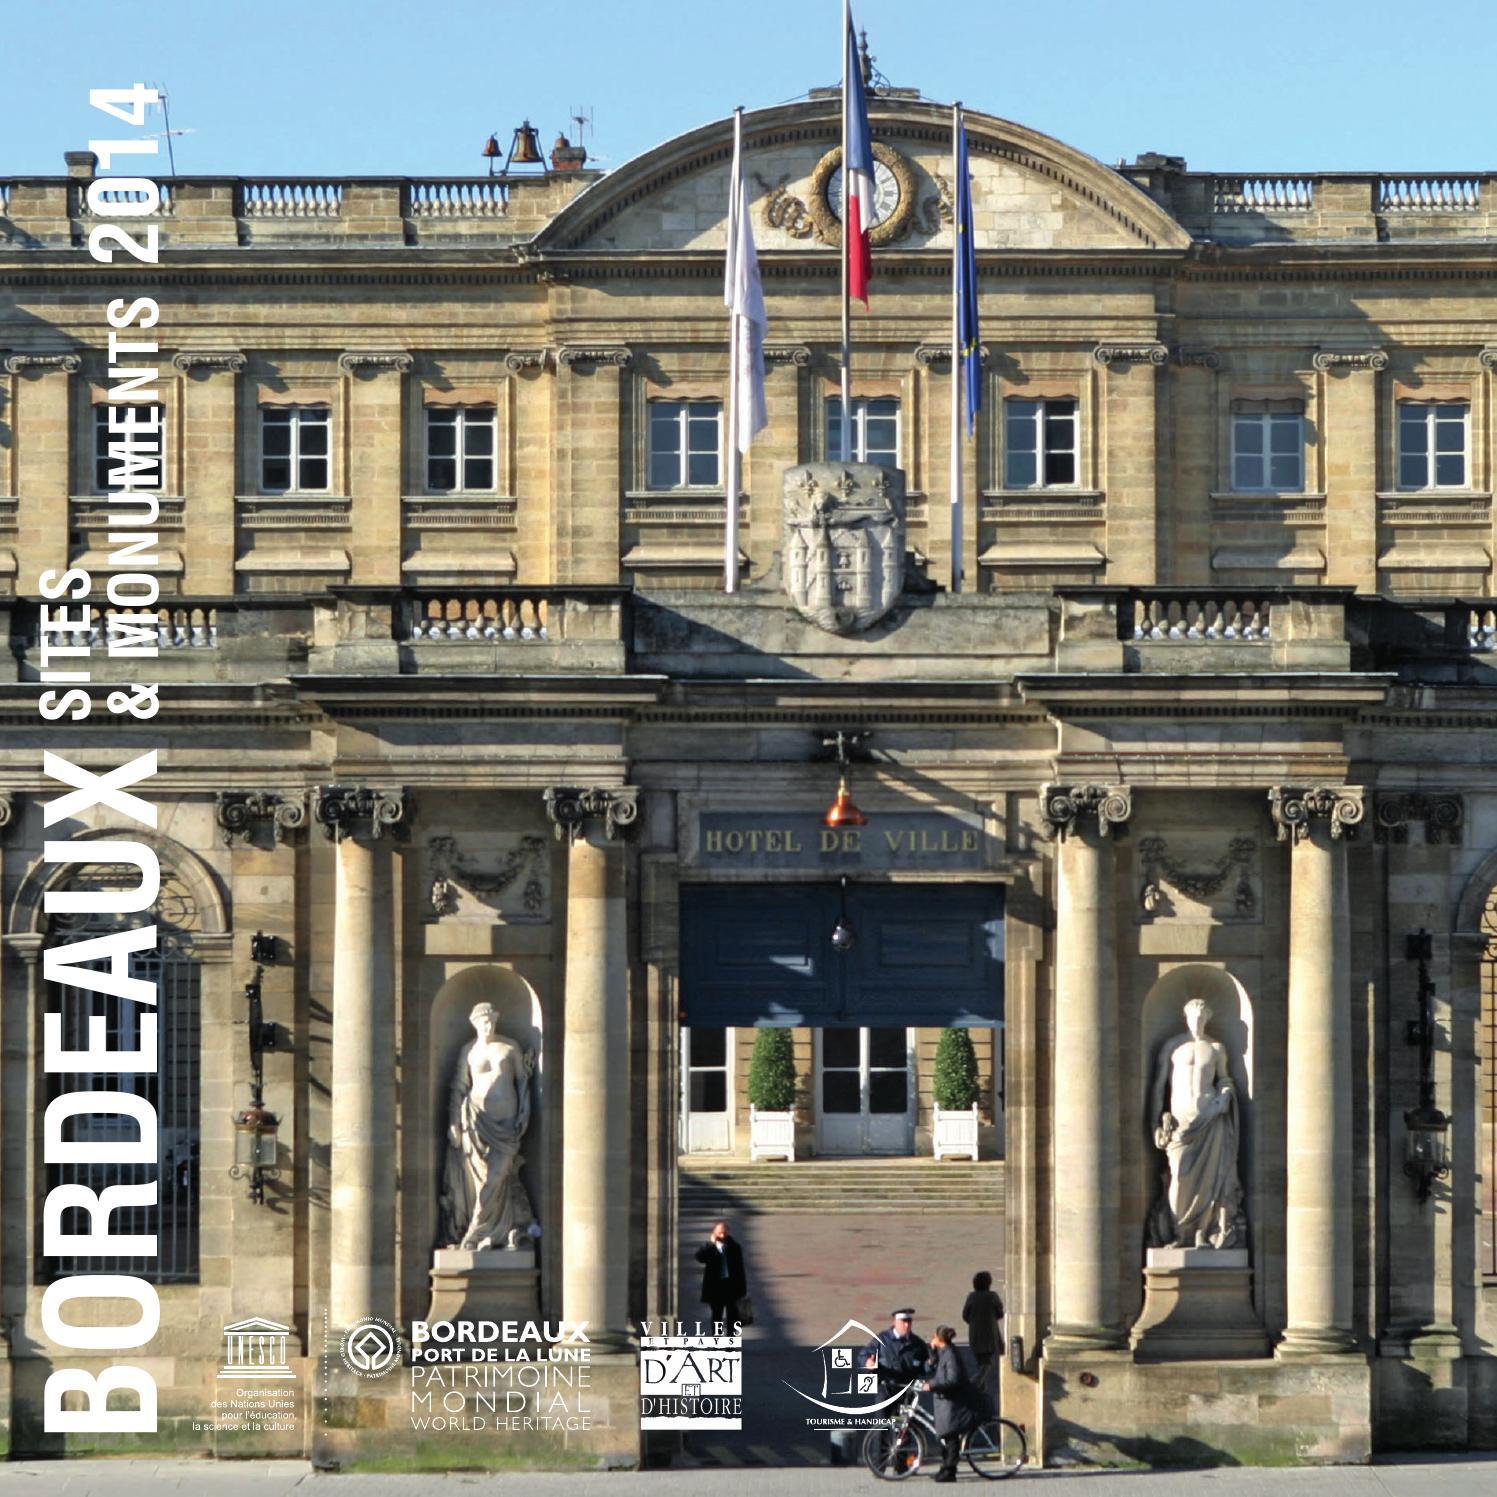 Bordeaux sites monuments 2014 by office de tourisme de - Office de tourisme bordeaux recrutement ...